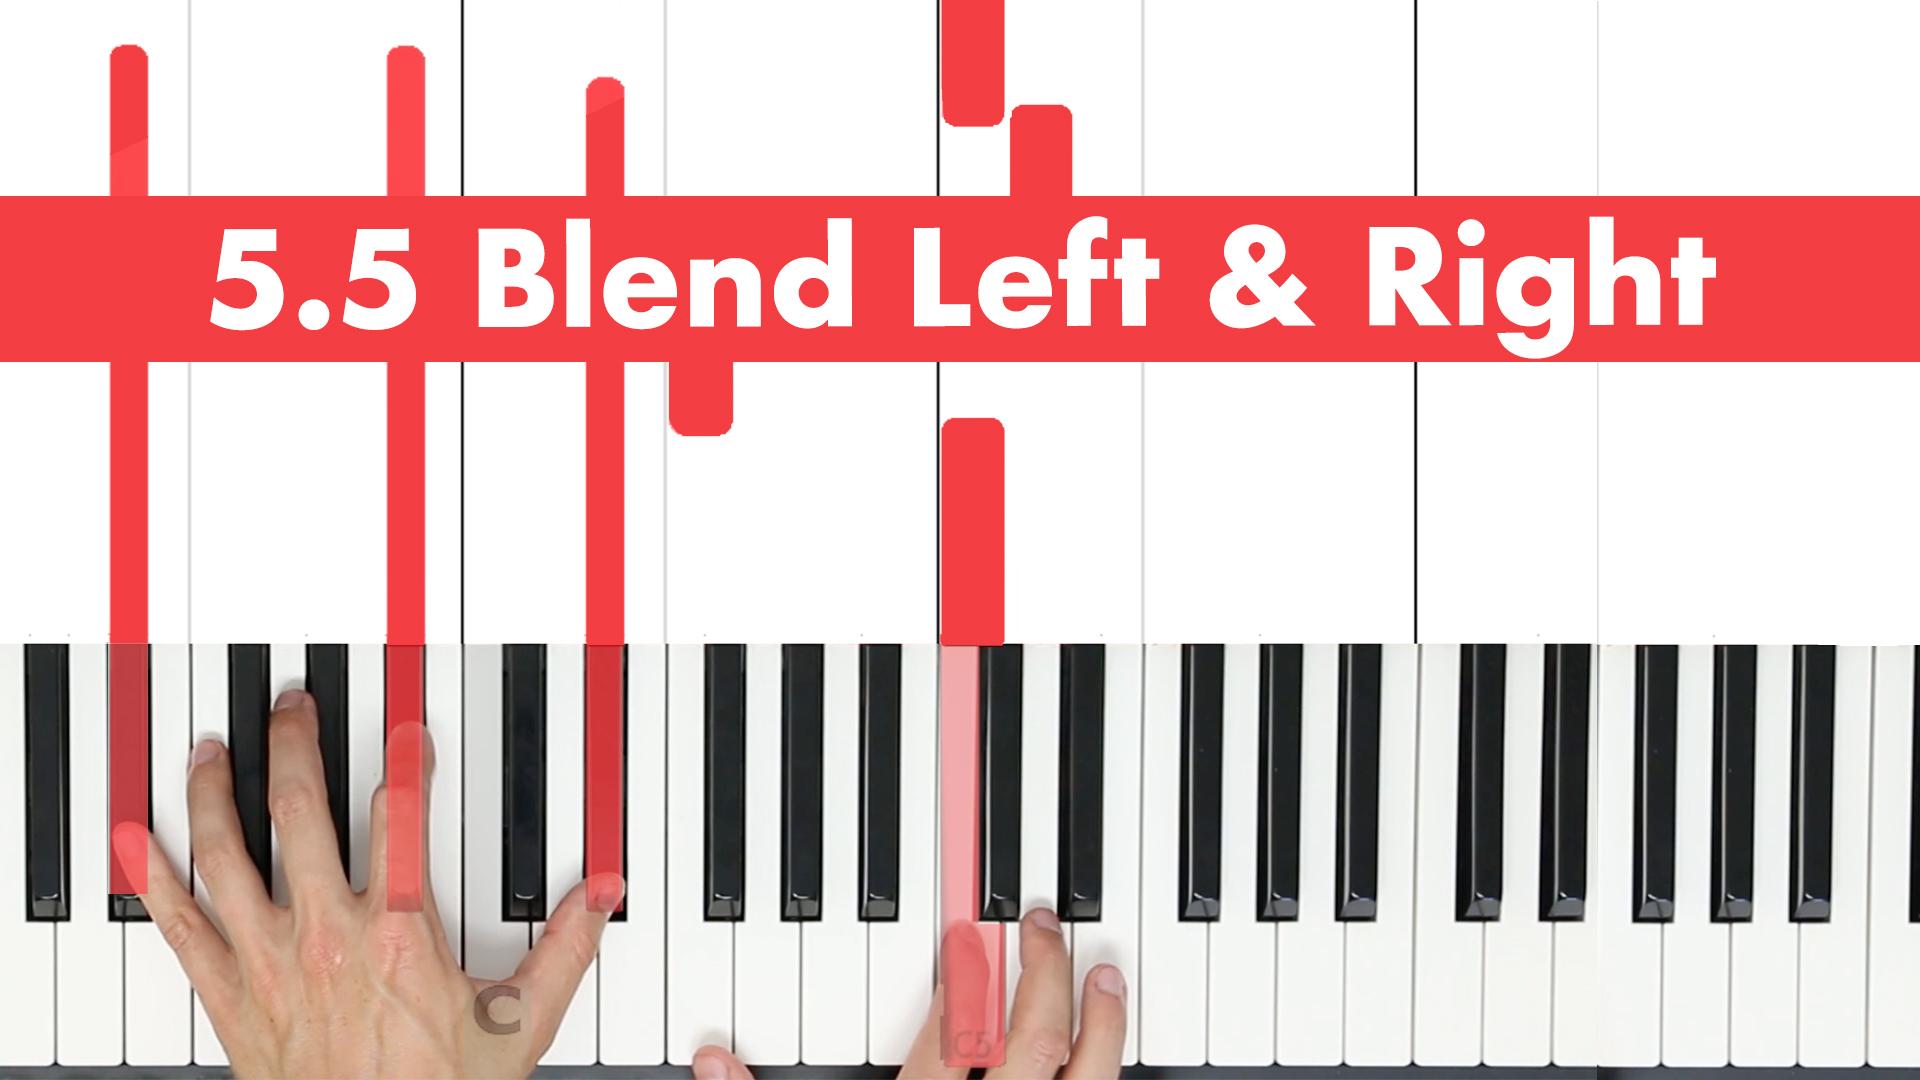 5.5 Blend Left & Right